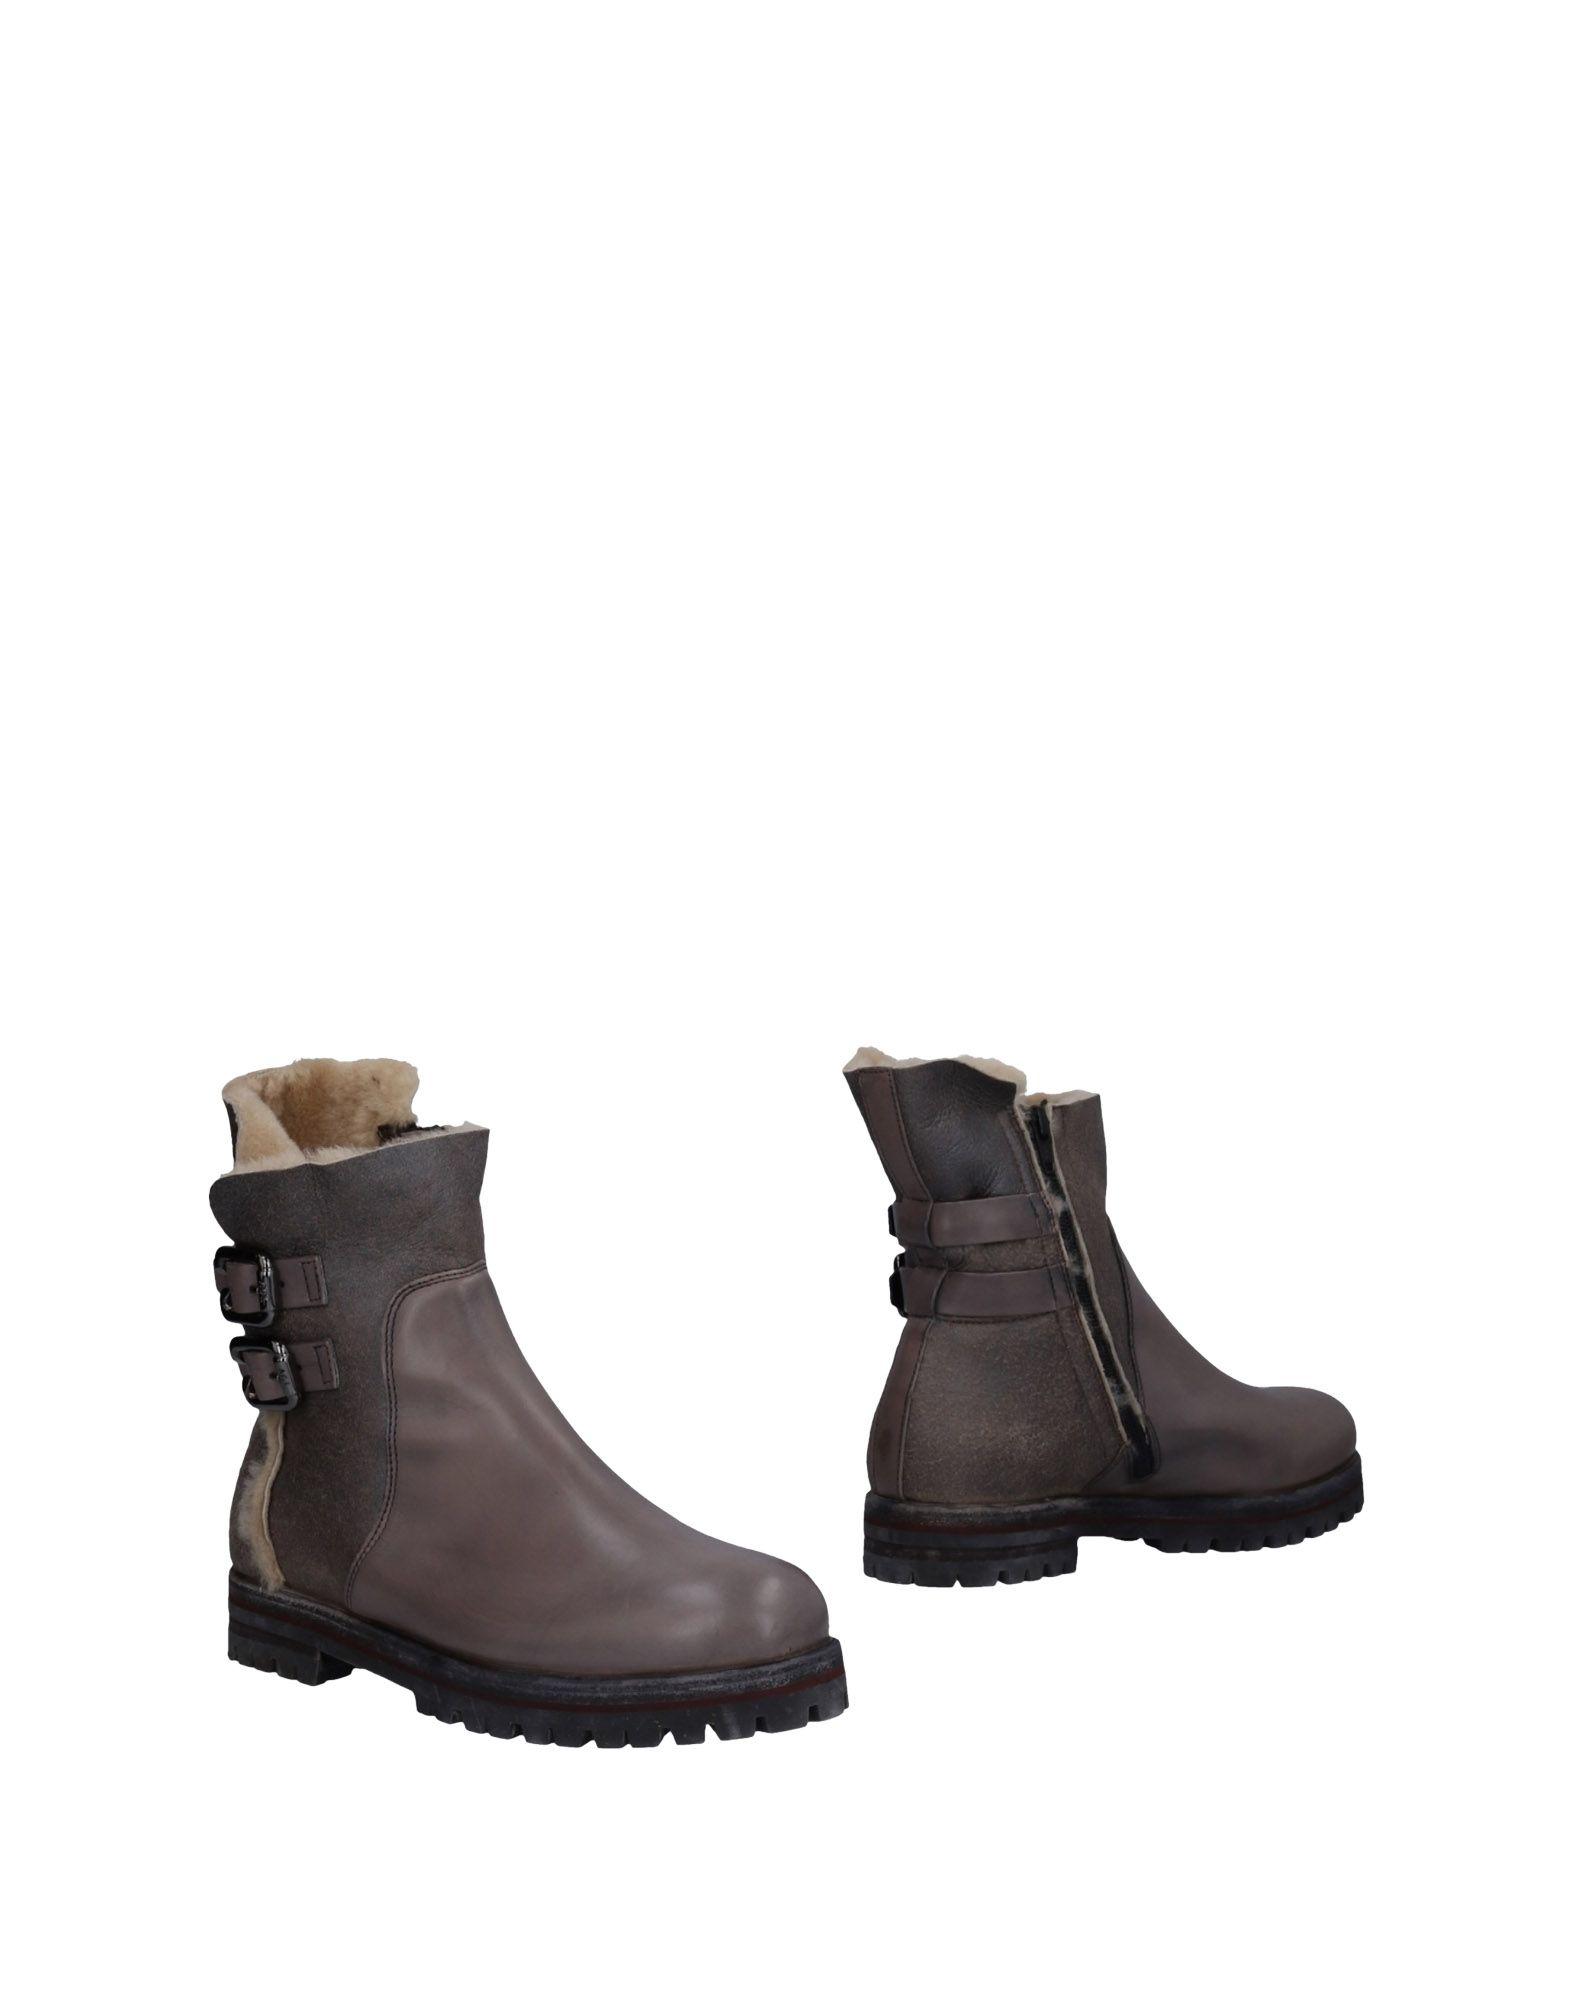 Rabatt Schuhe Agl Attilio Giusti Leombruni Stiefelette Damen  11472491FM